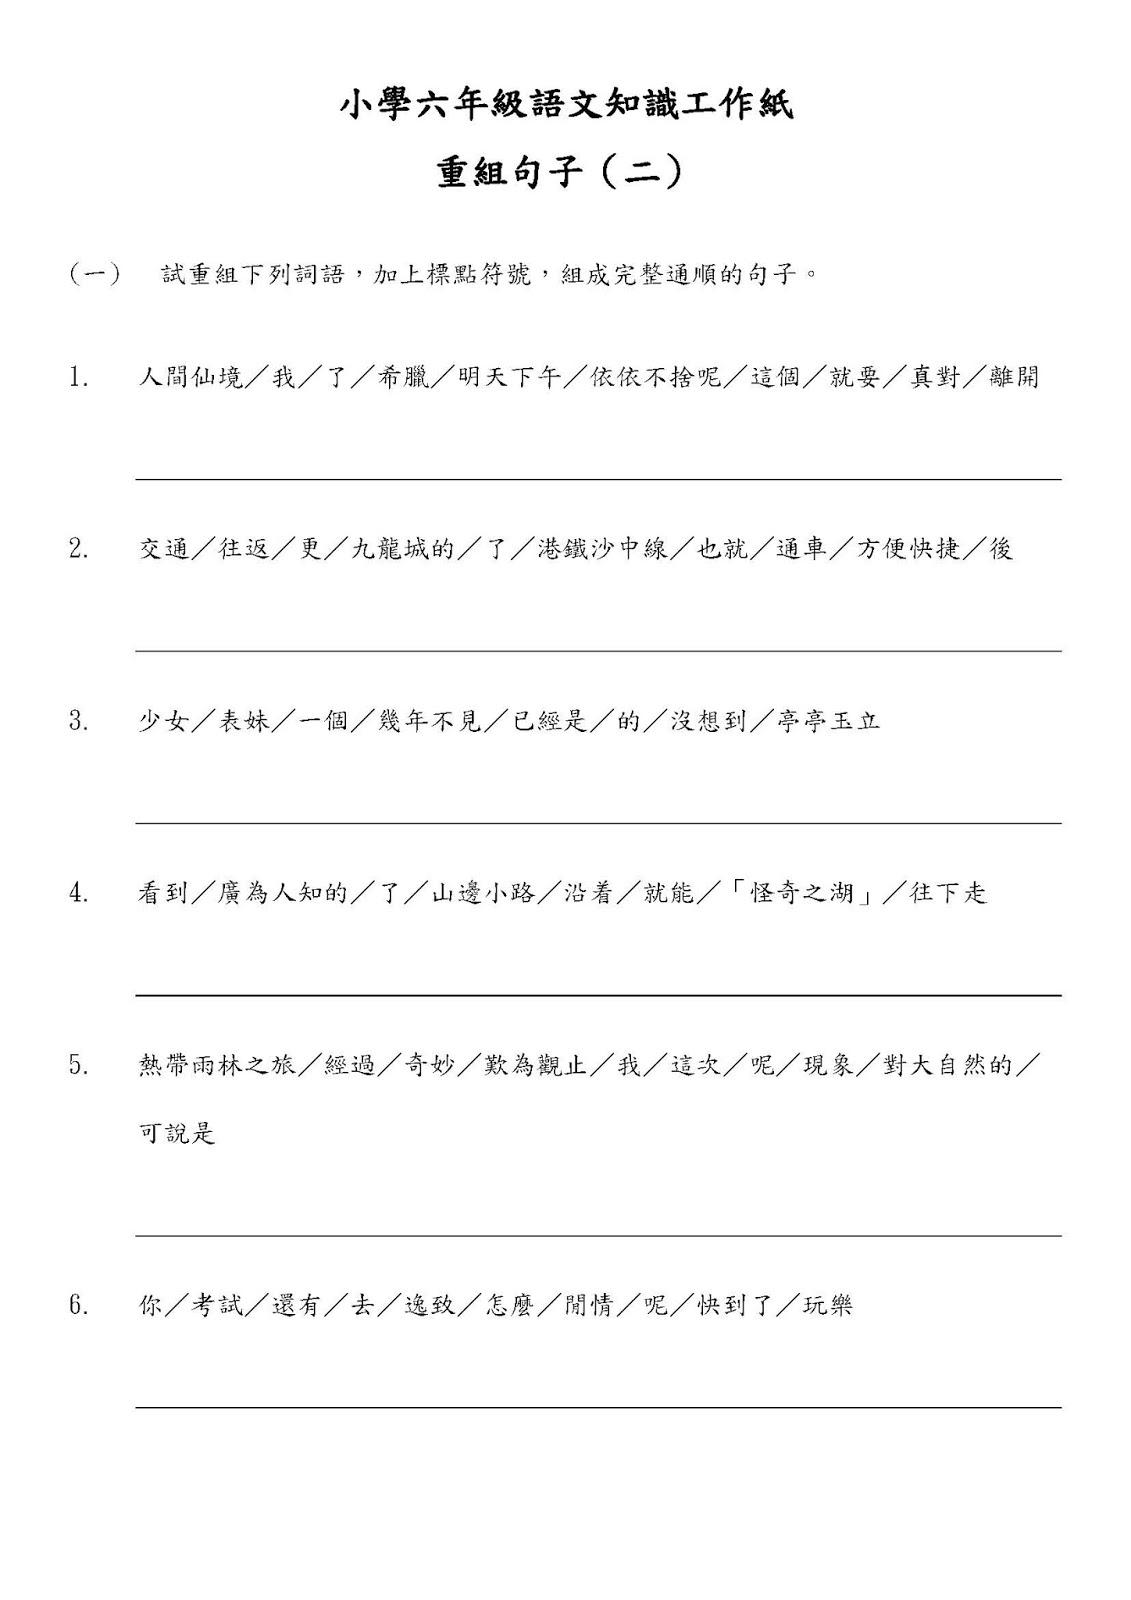 小六語文知識工作紙:重組句子(二)|中文工作紙|尤莉姐姐的反轉學堂